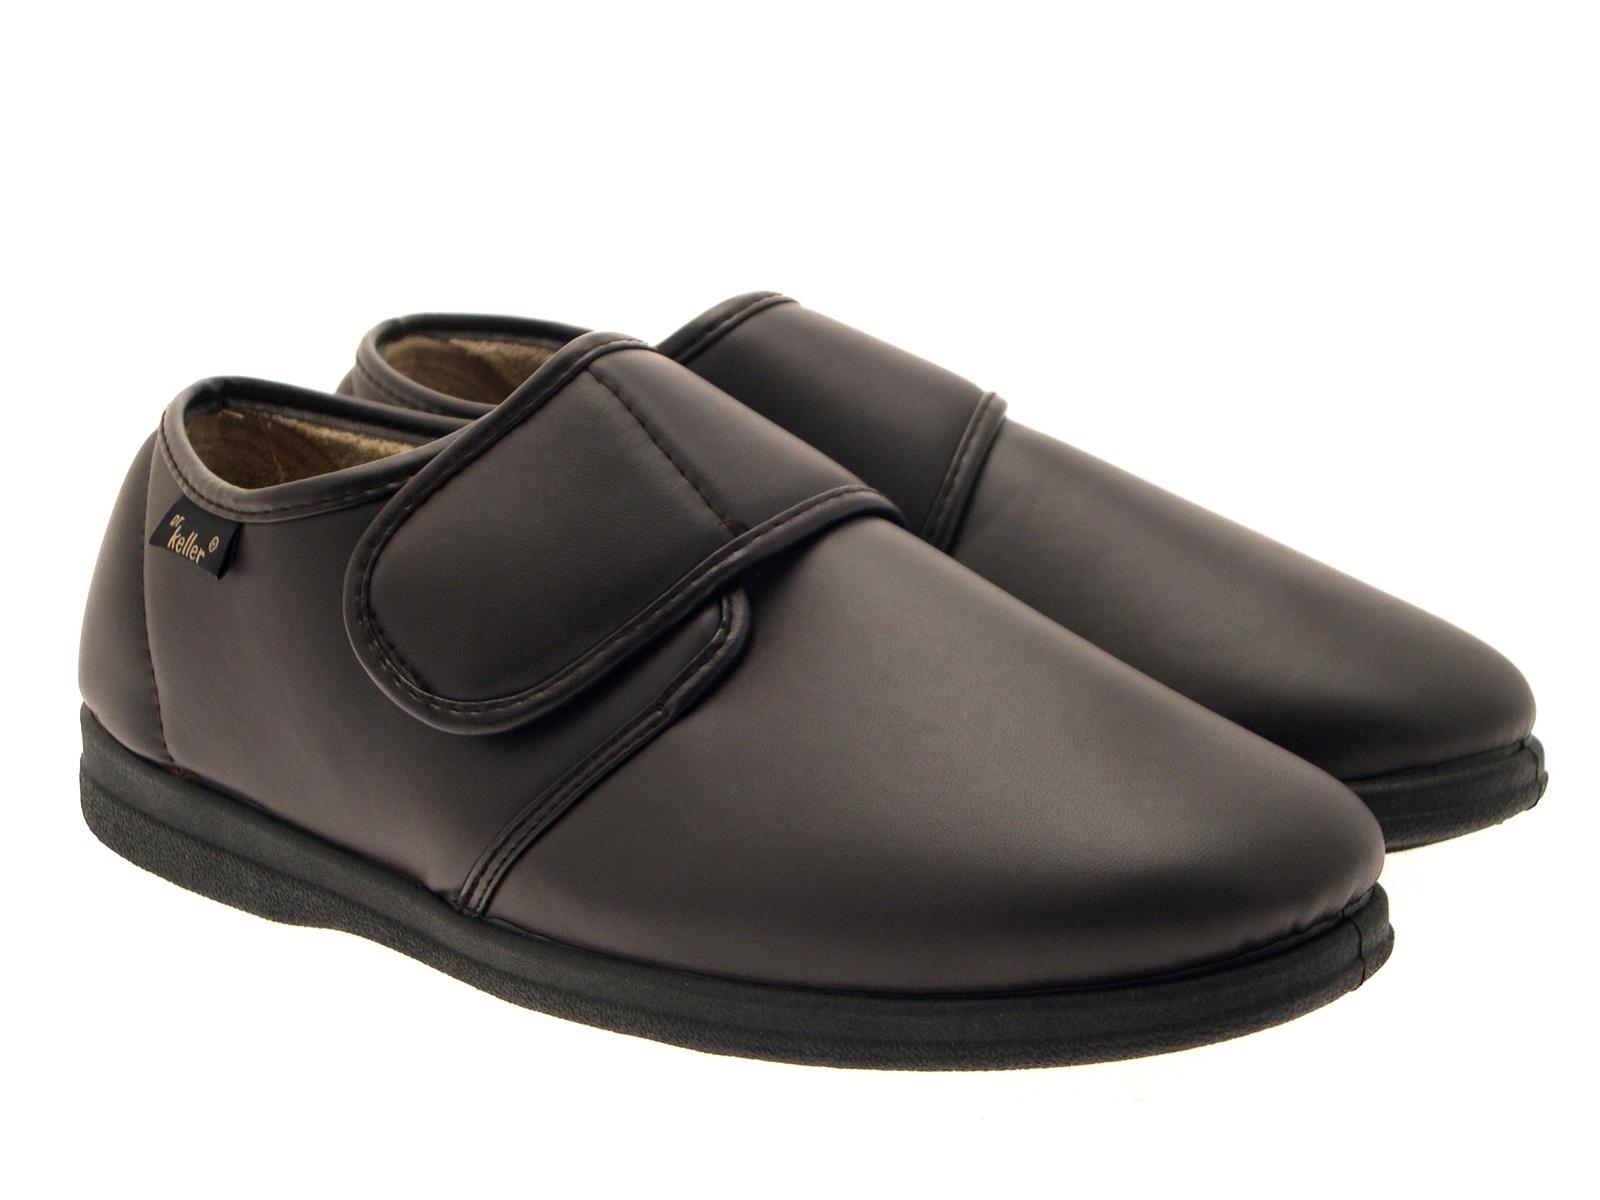 mens luxury fleece lined dr keller slippers faux leather